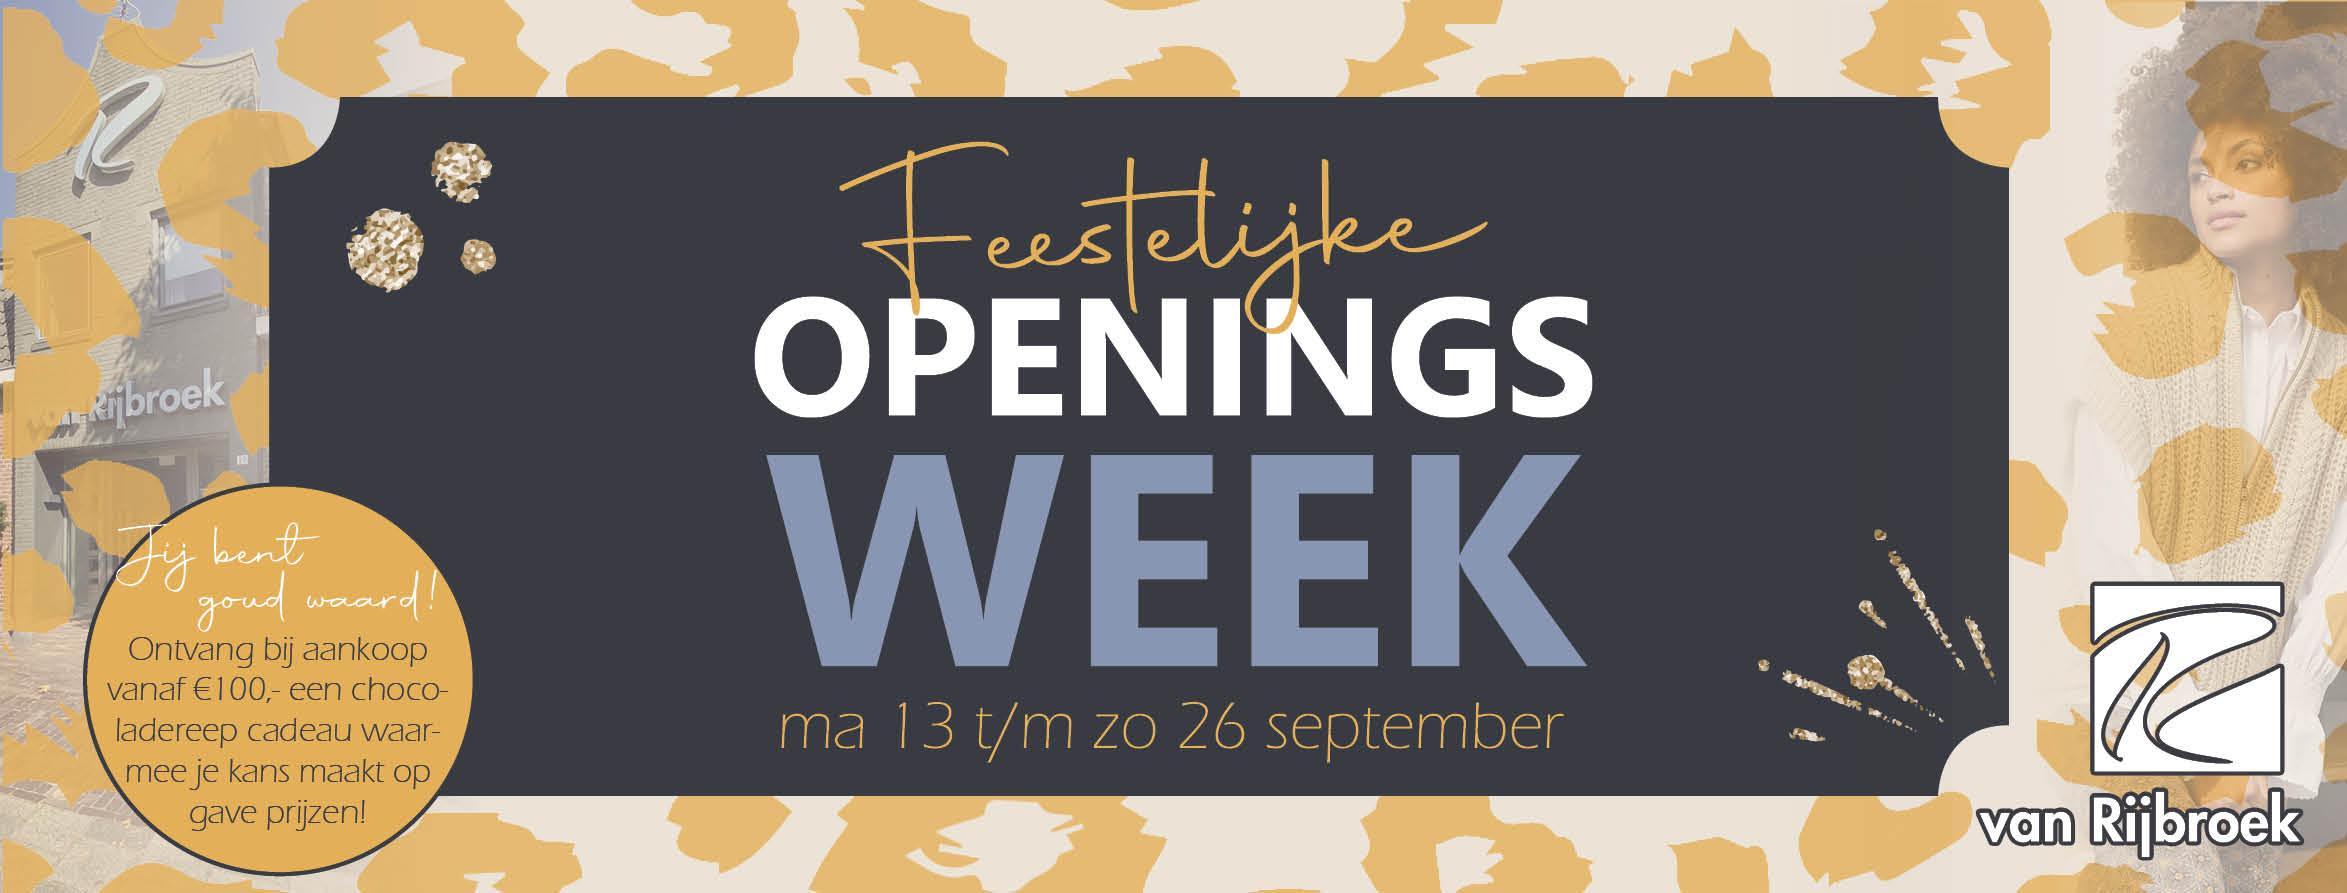 Openingsweek